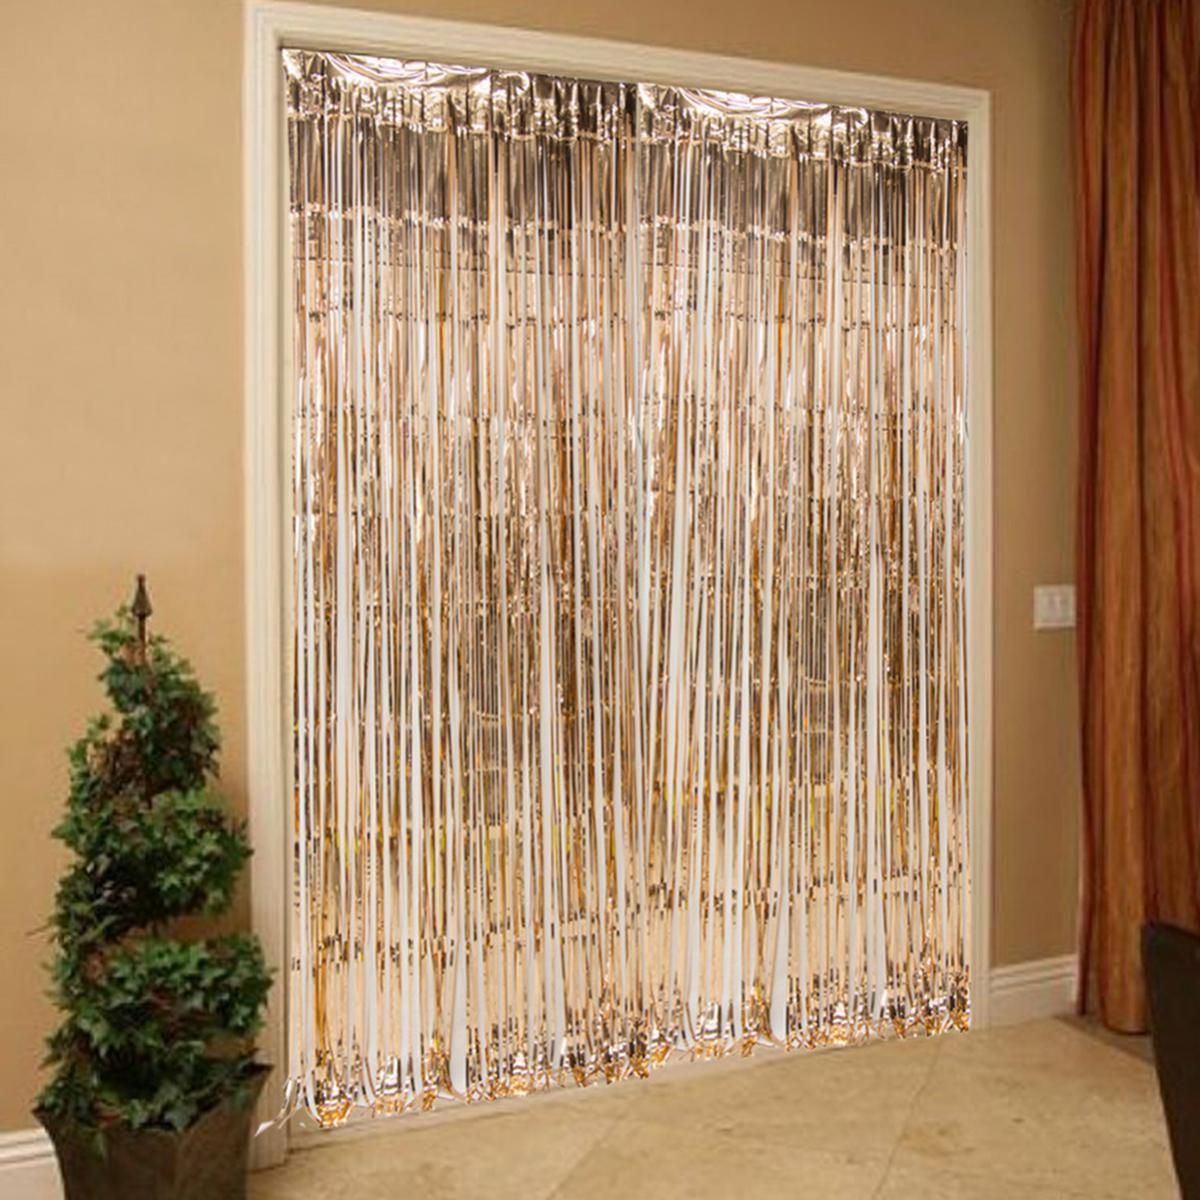 Rose Gold Foil Fringe Curtain SDL 1 6ee01 JPEG